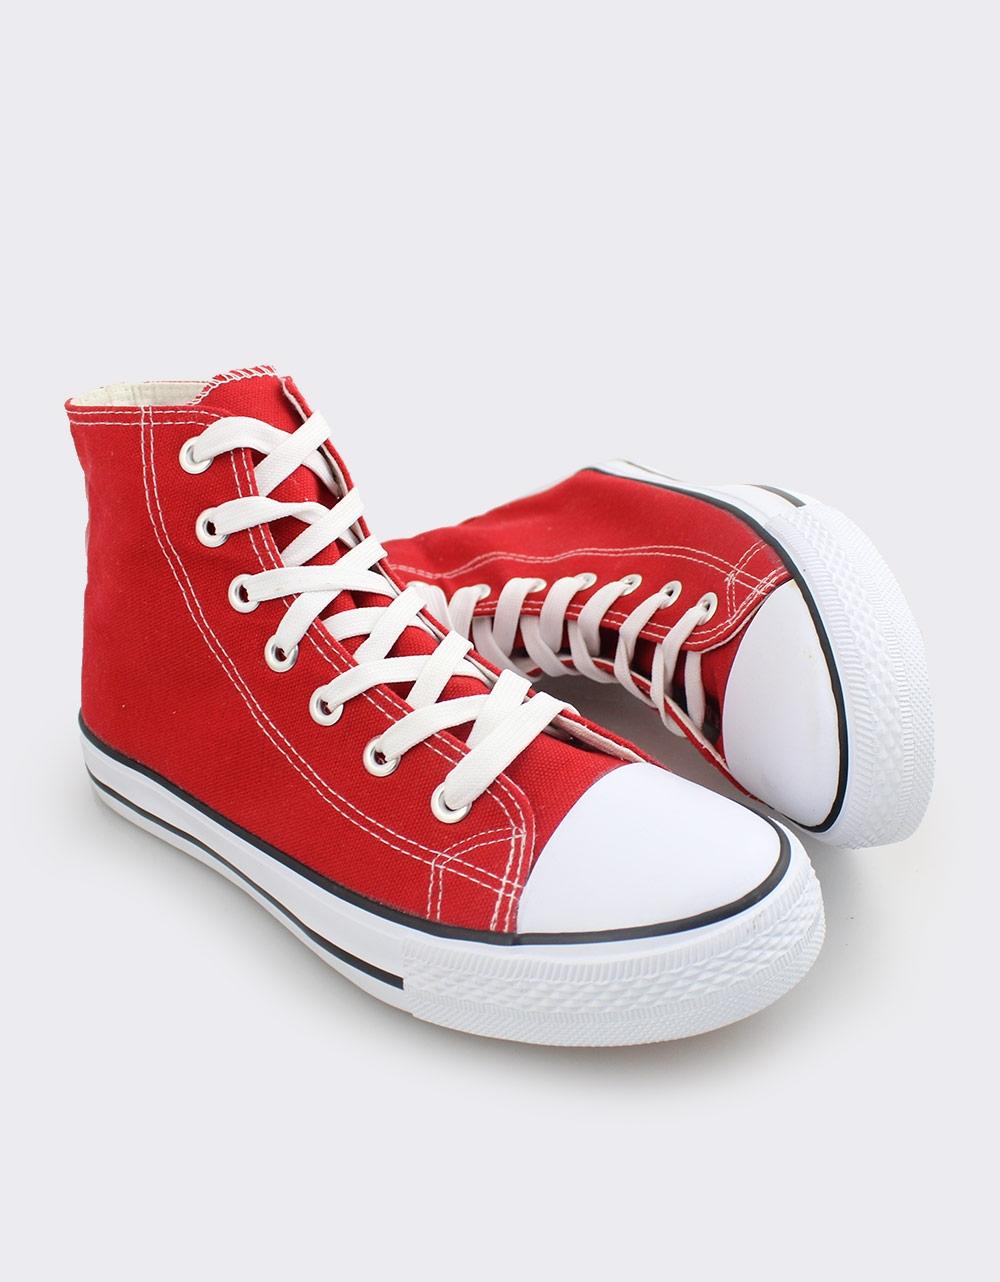 Εικόνα από Ανδρικά sneakers υφασμάτινα με ρίγα στη σόλα Κόκκινο